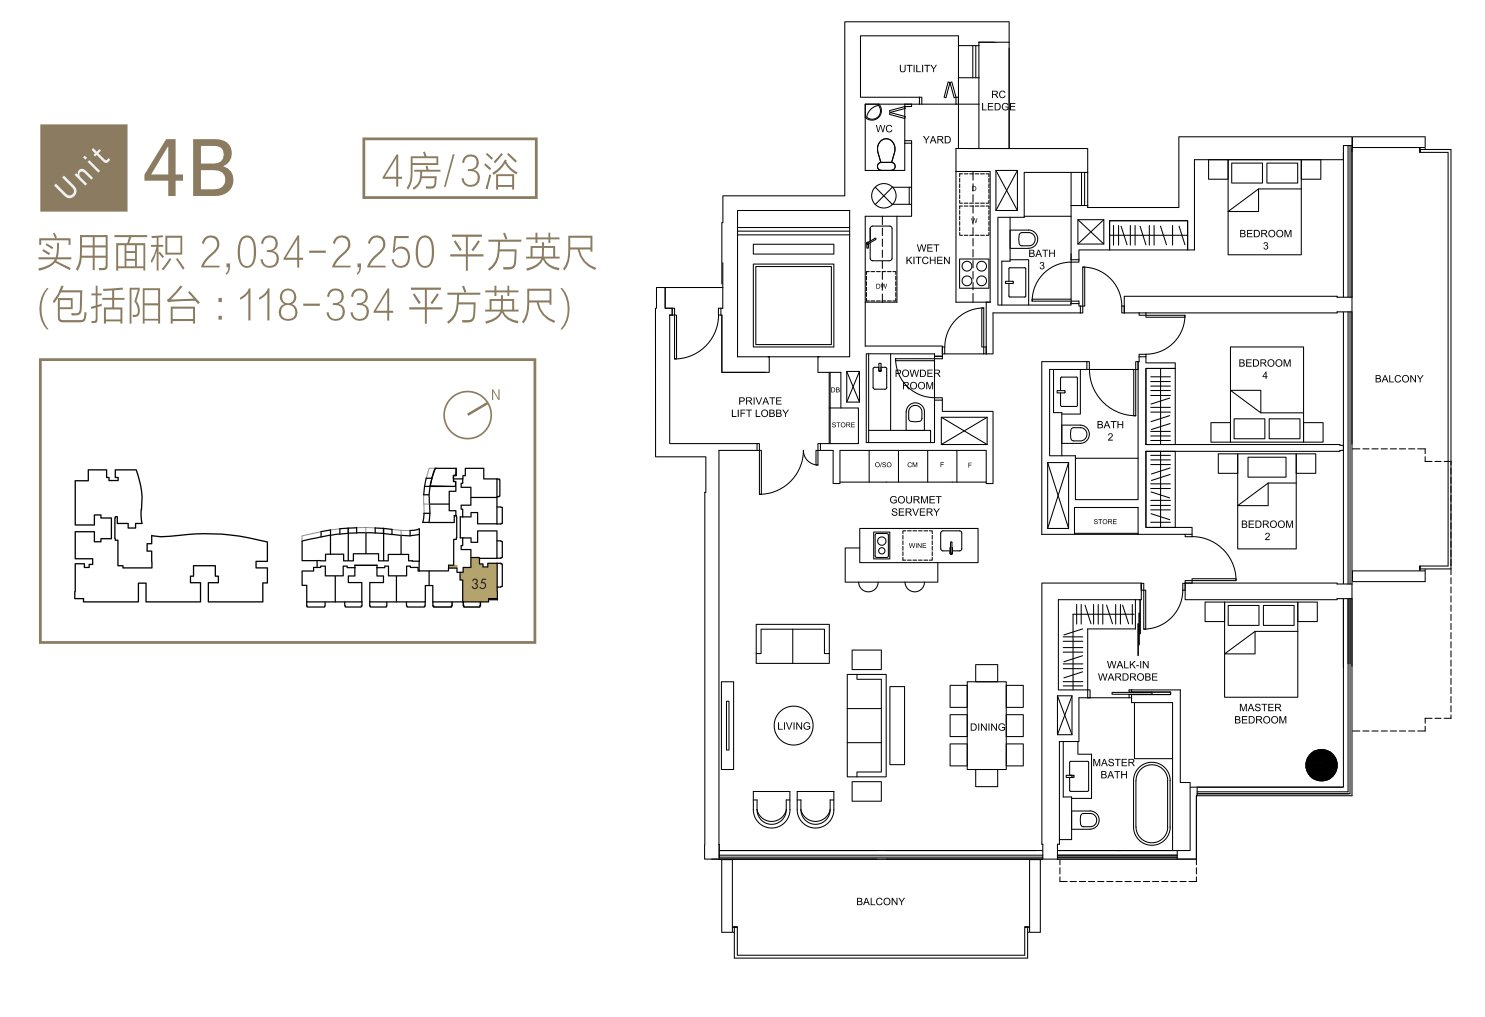 滨海盛景豪苑 Marina One Residences 4卧房户型示意图